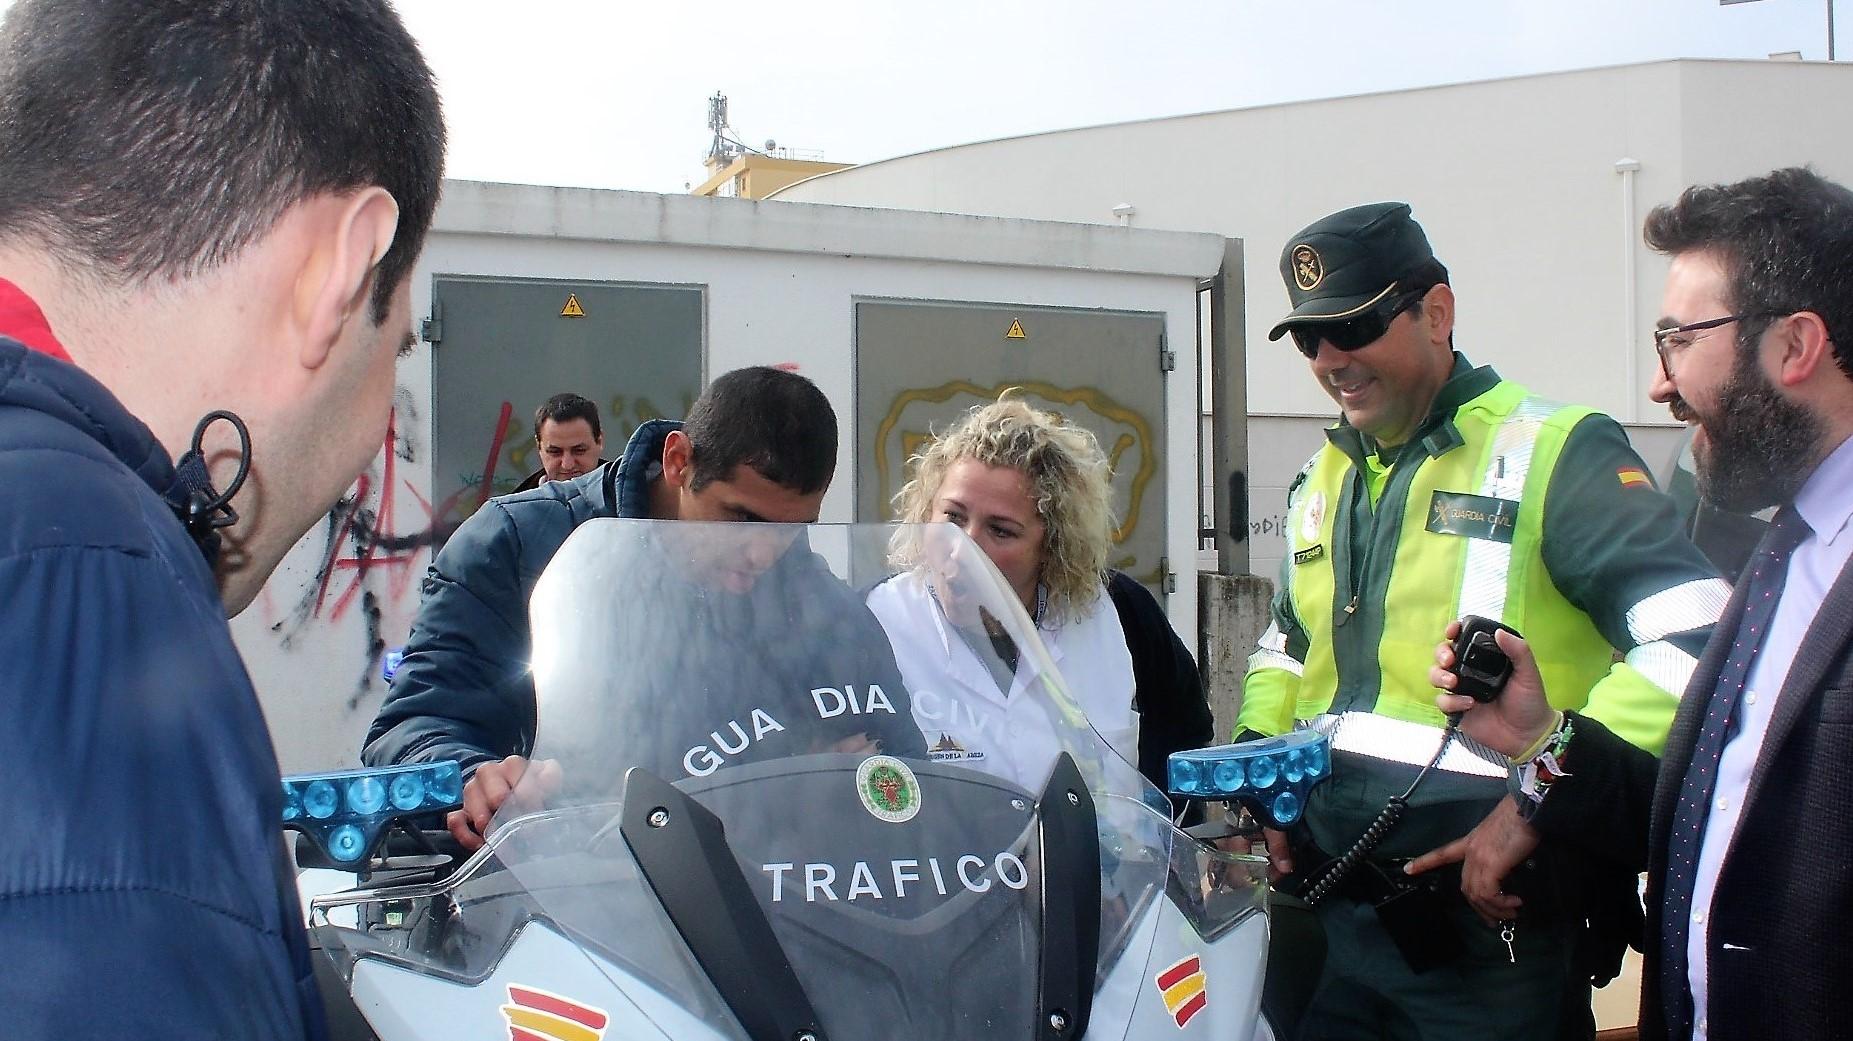 La Guardia Civil divulga su labor al centro de discapacitados